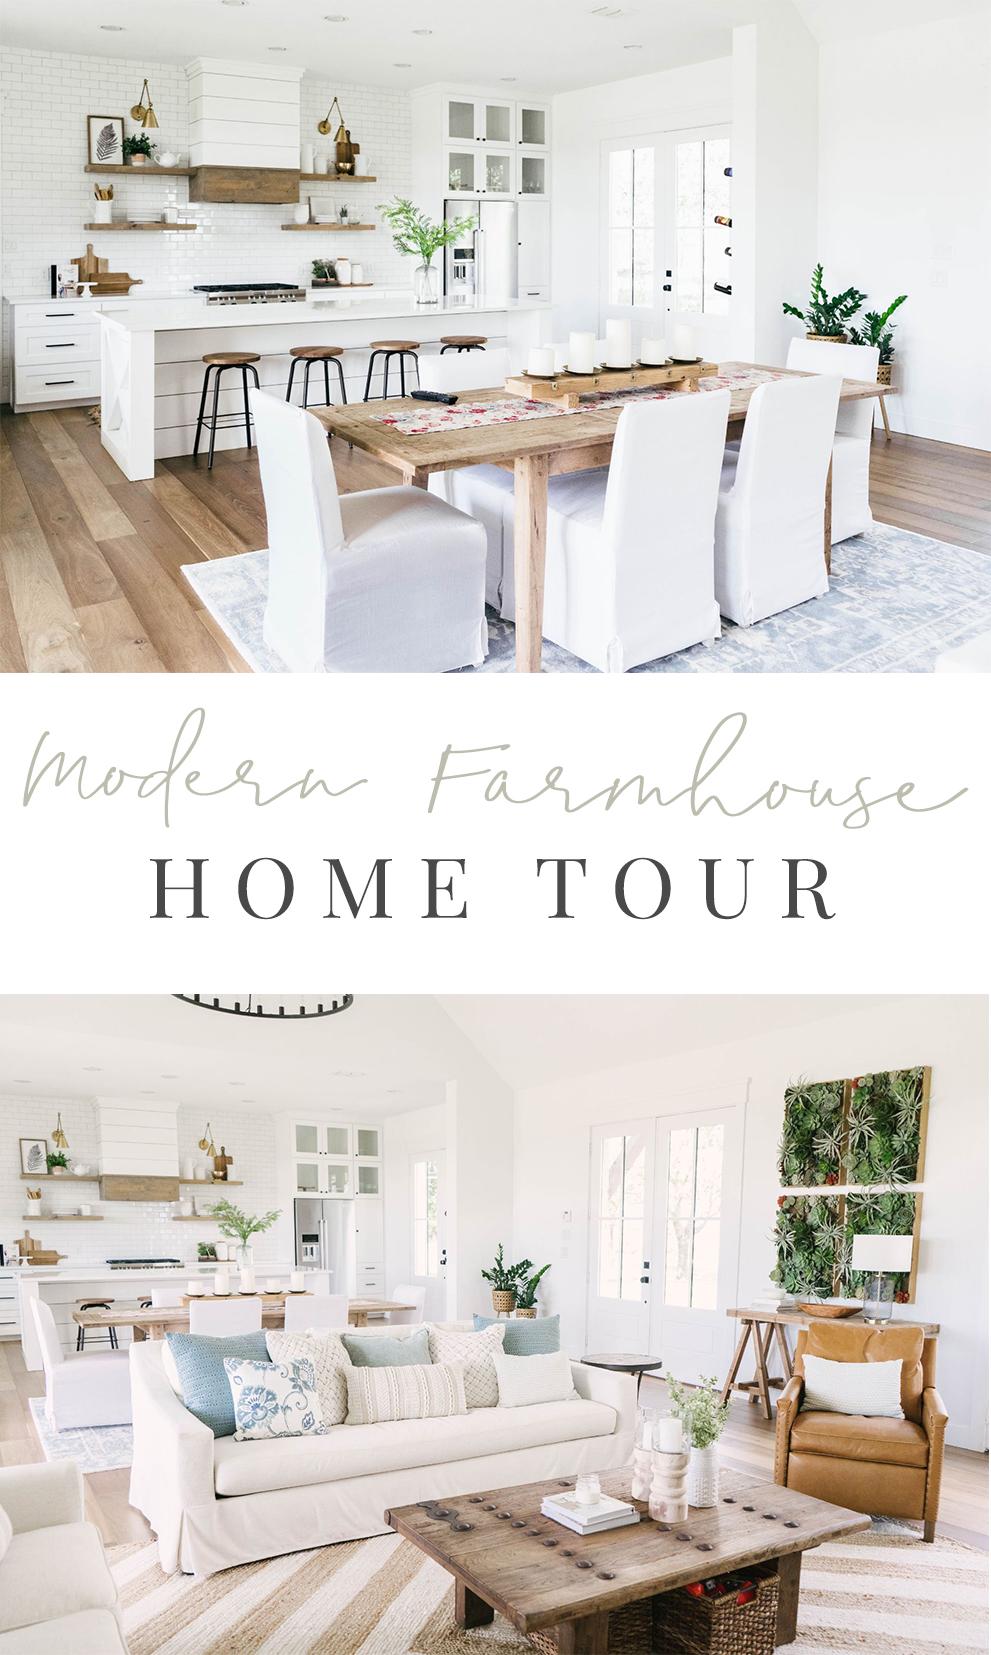 Modern Farmhouse Home Tour.jpg